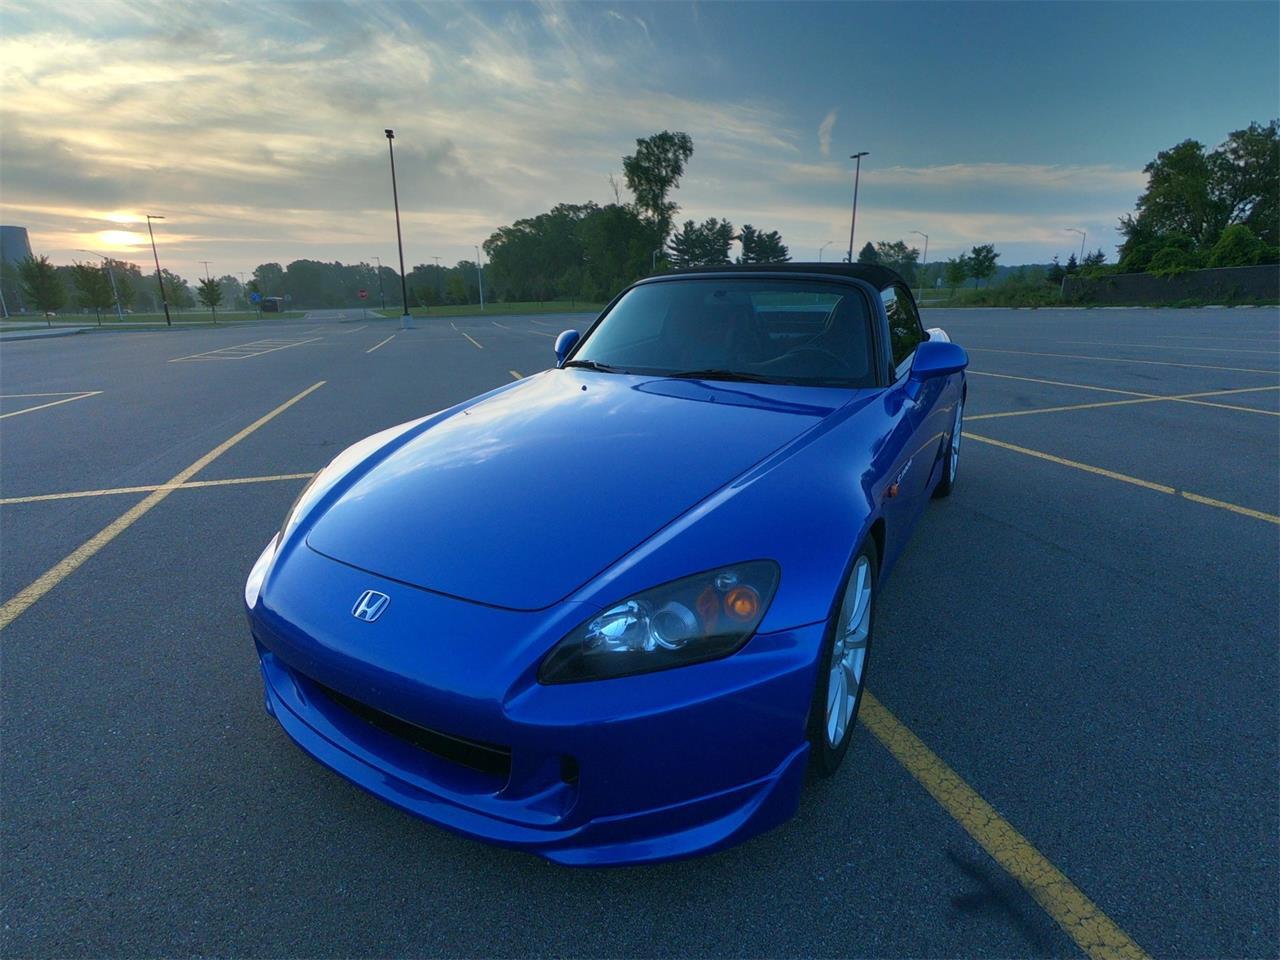 2007 Honda S2000 for Sale | ClassicCars com | CC-1247681